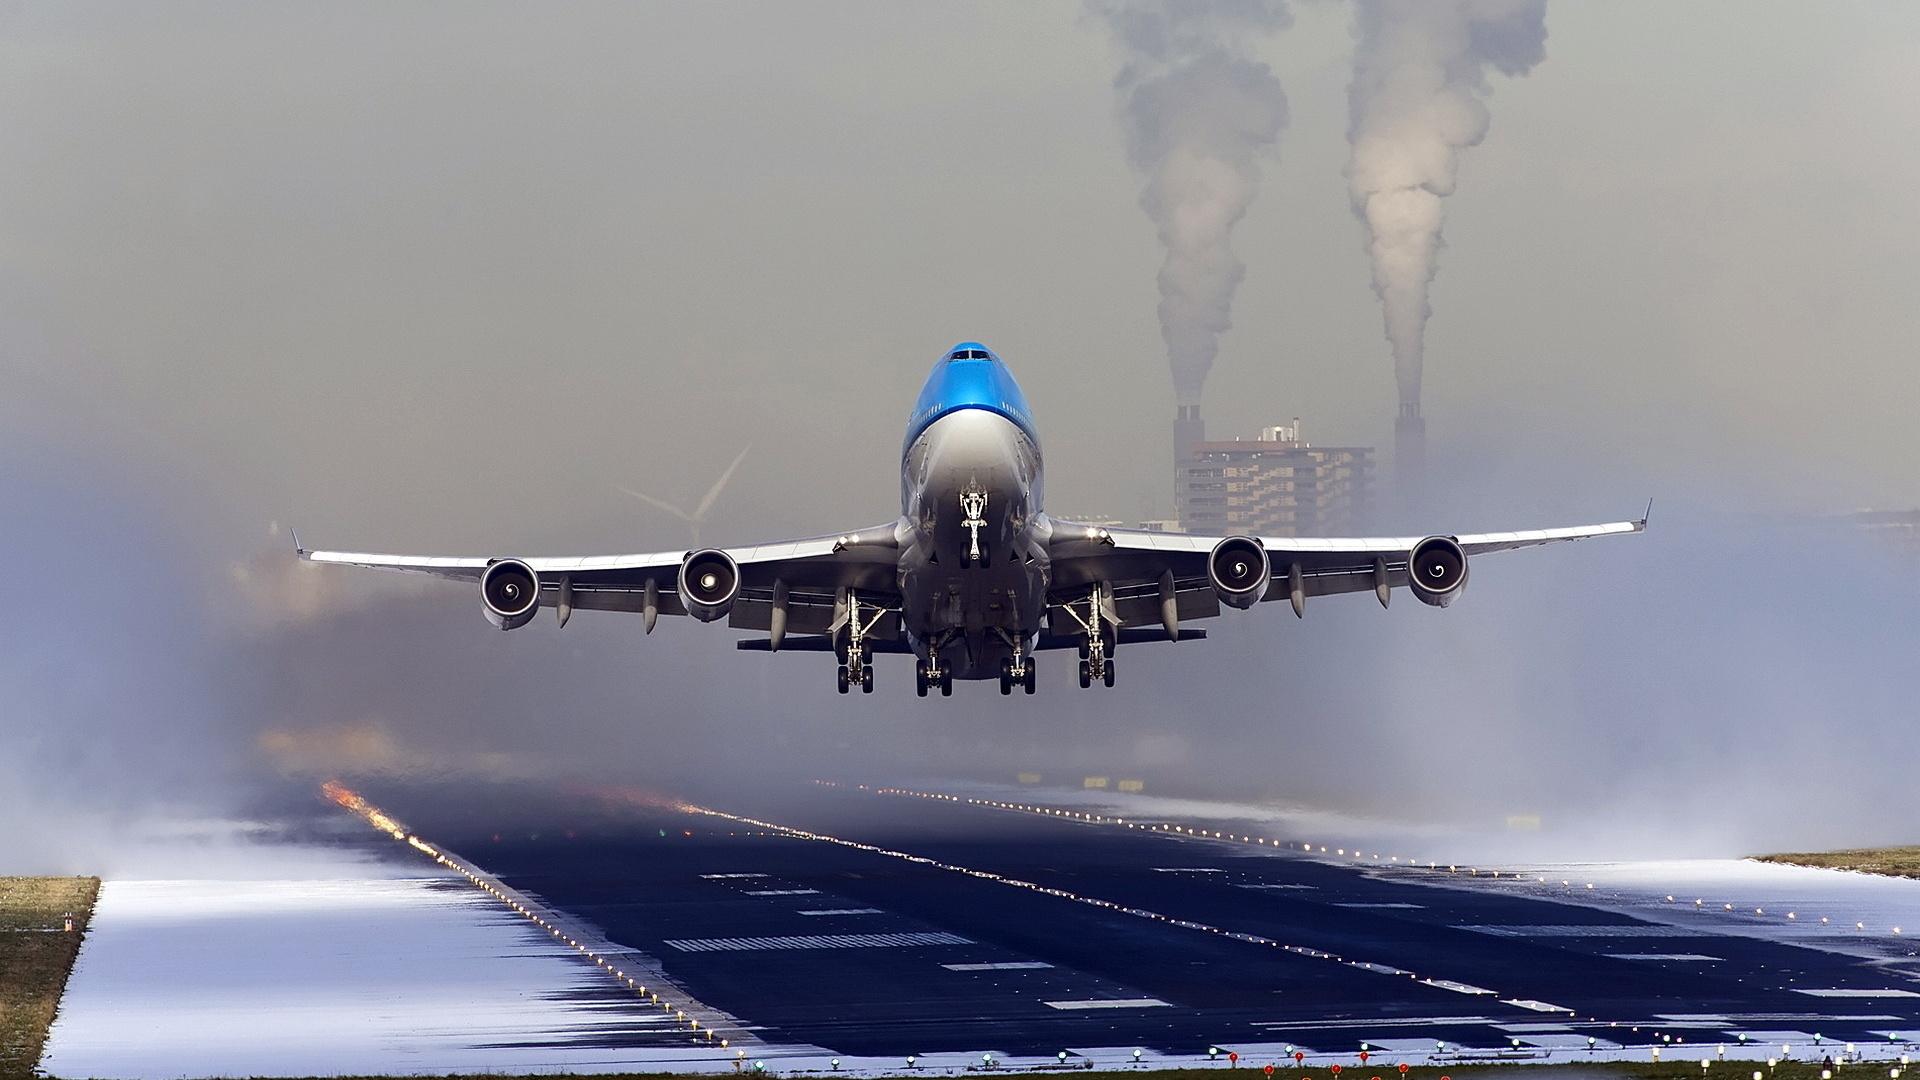 картинки взлет полет посадка